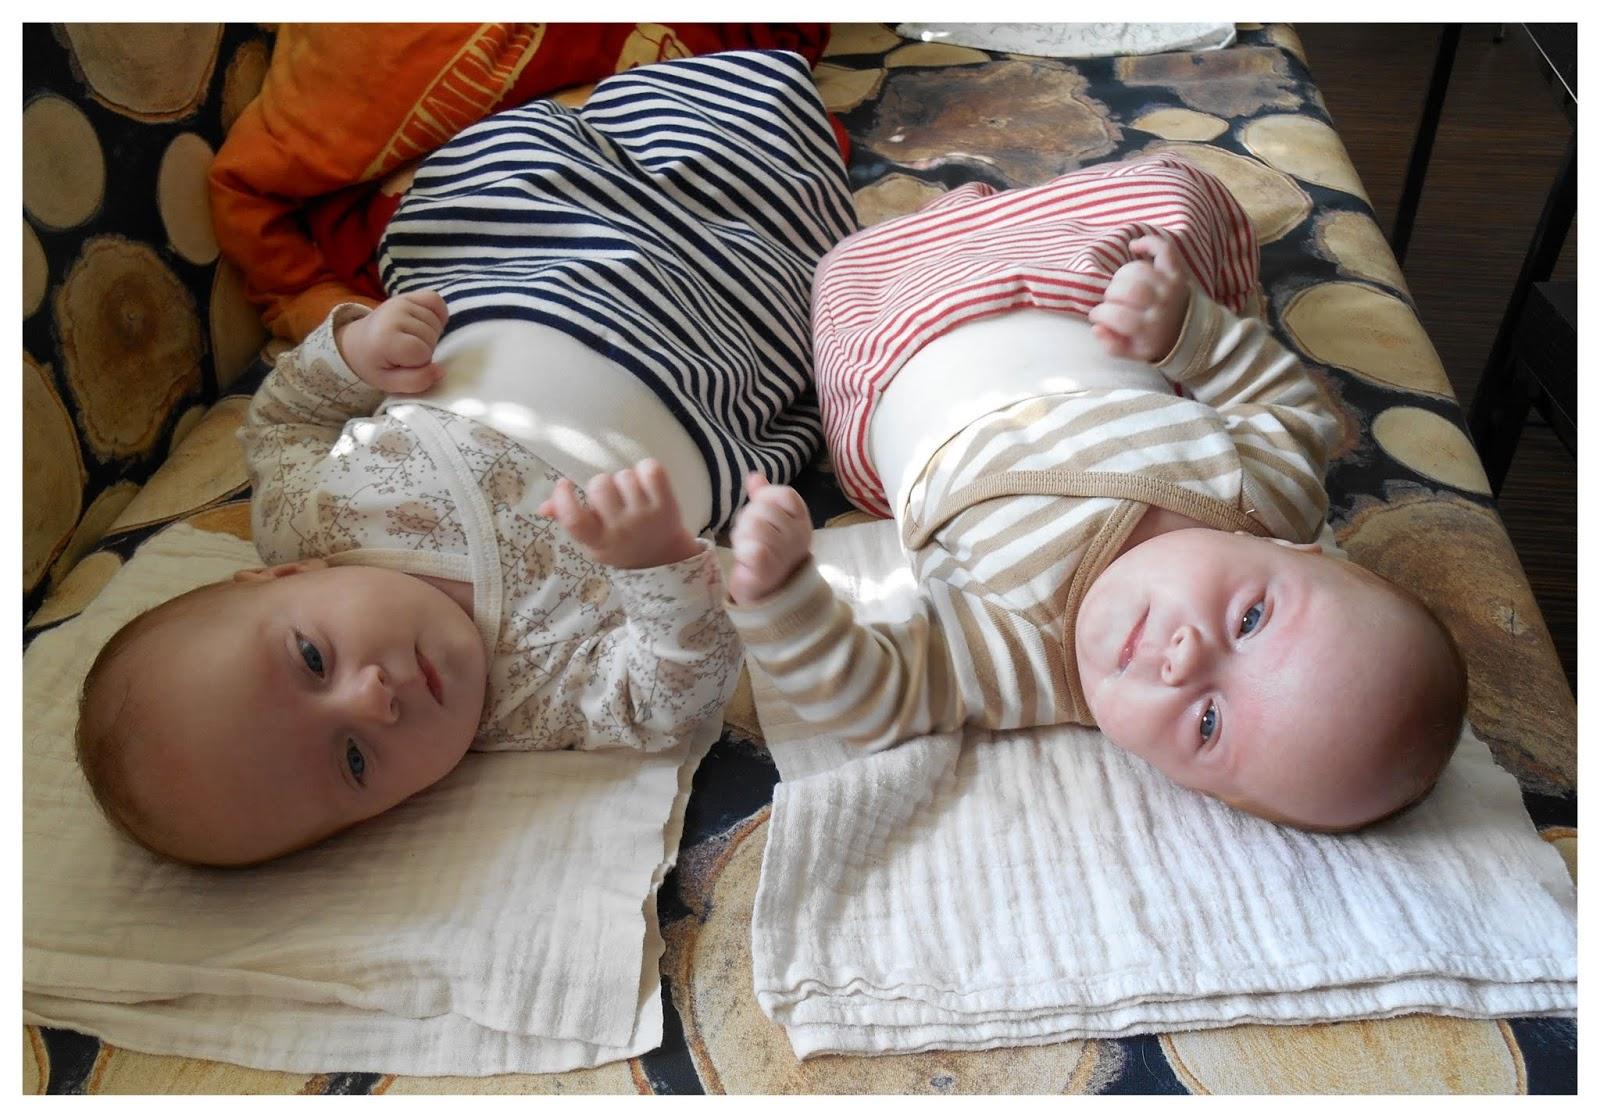 Výbava pro miminka - popovaky